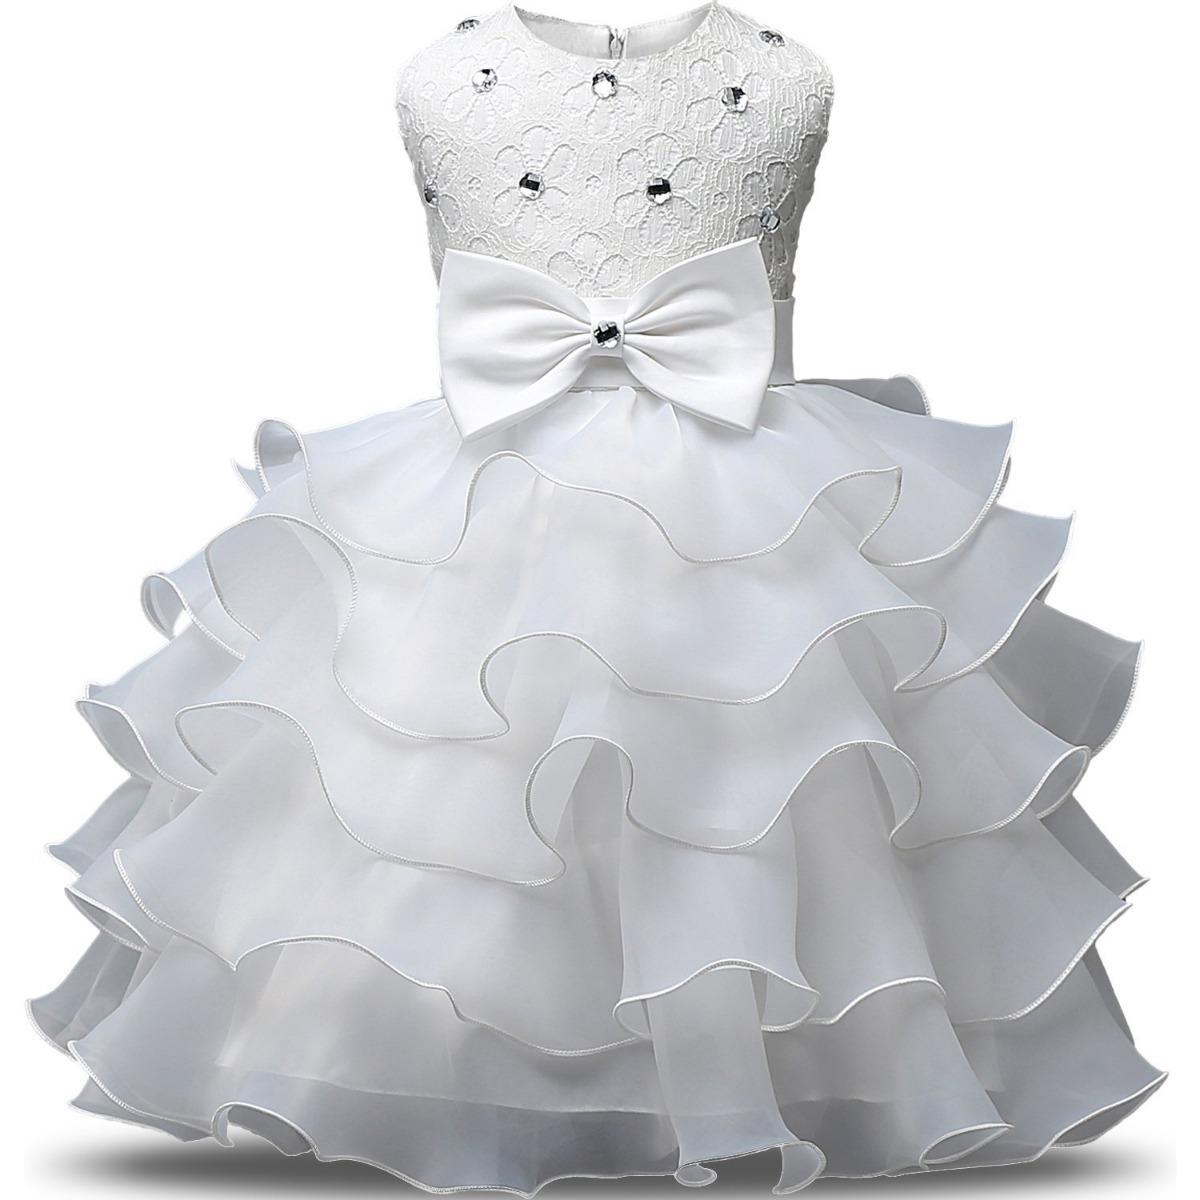 cde45ffba Vestido De Niña Blanco Bodas Fiestas Comunion Nnjxd - $ 1,175.00 en ...